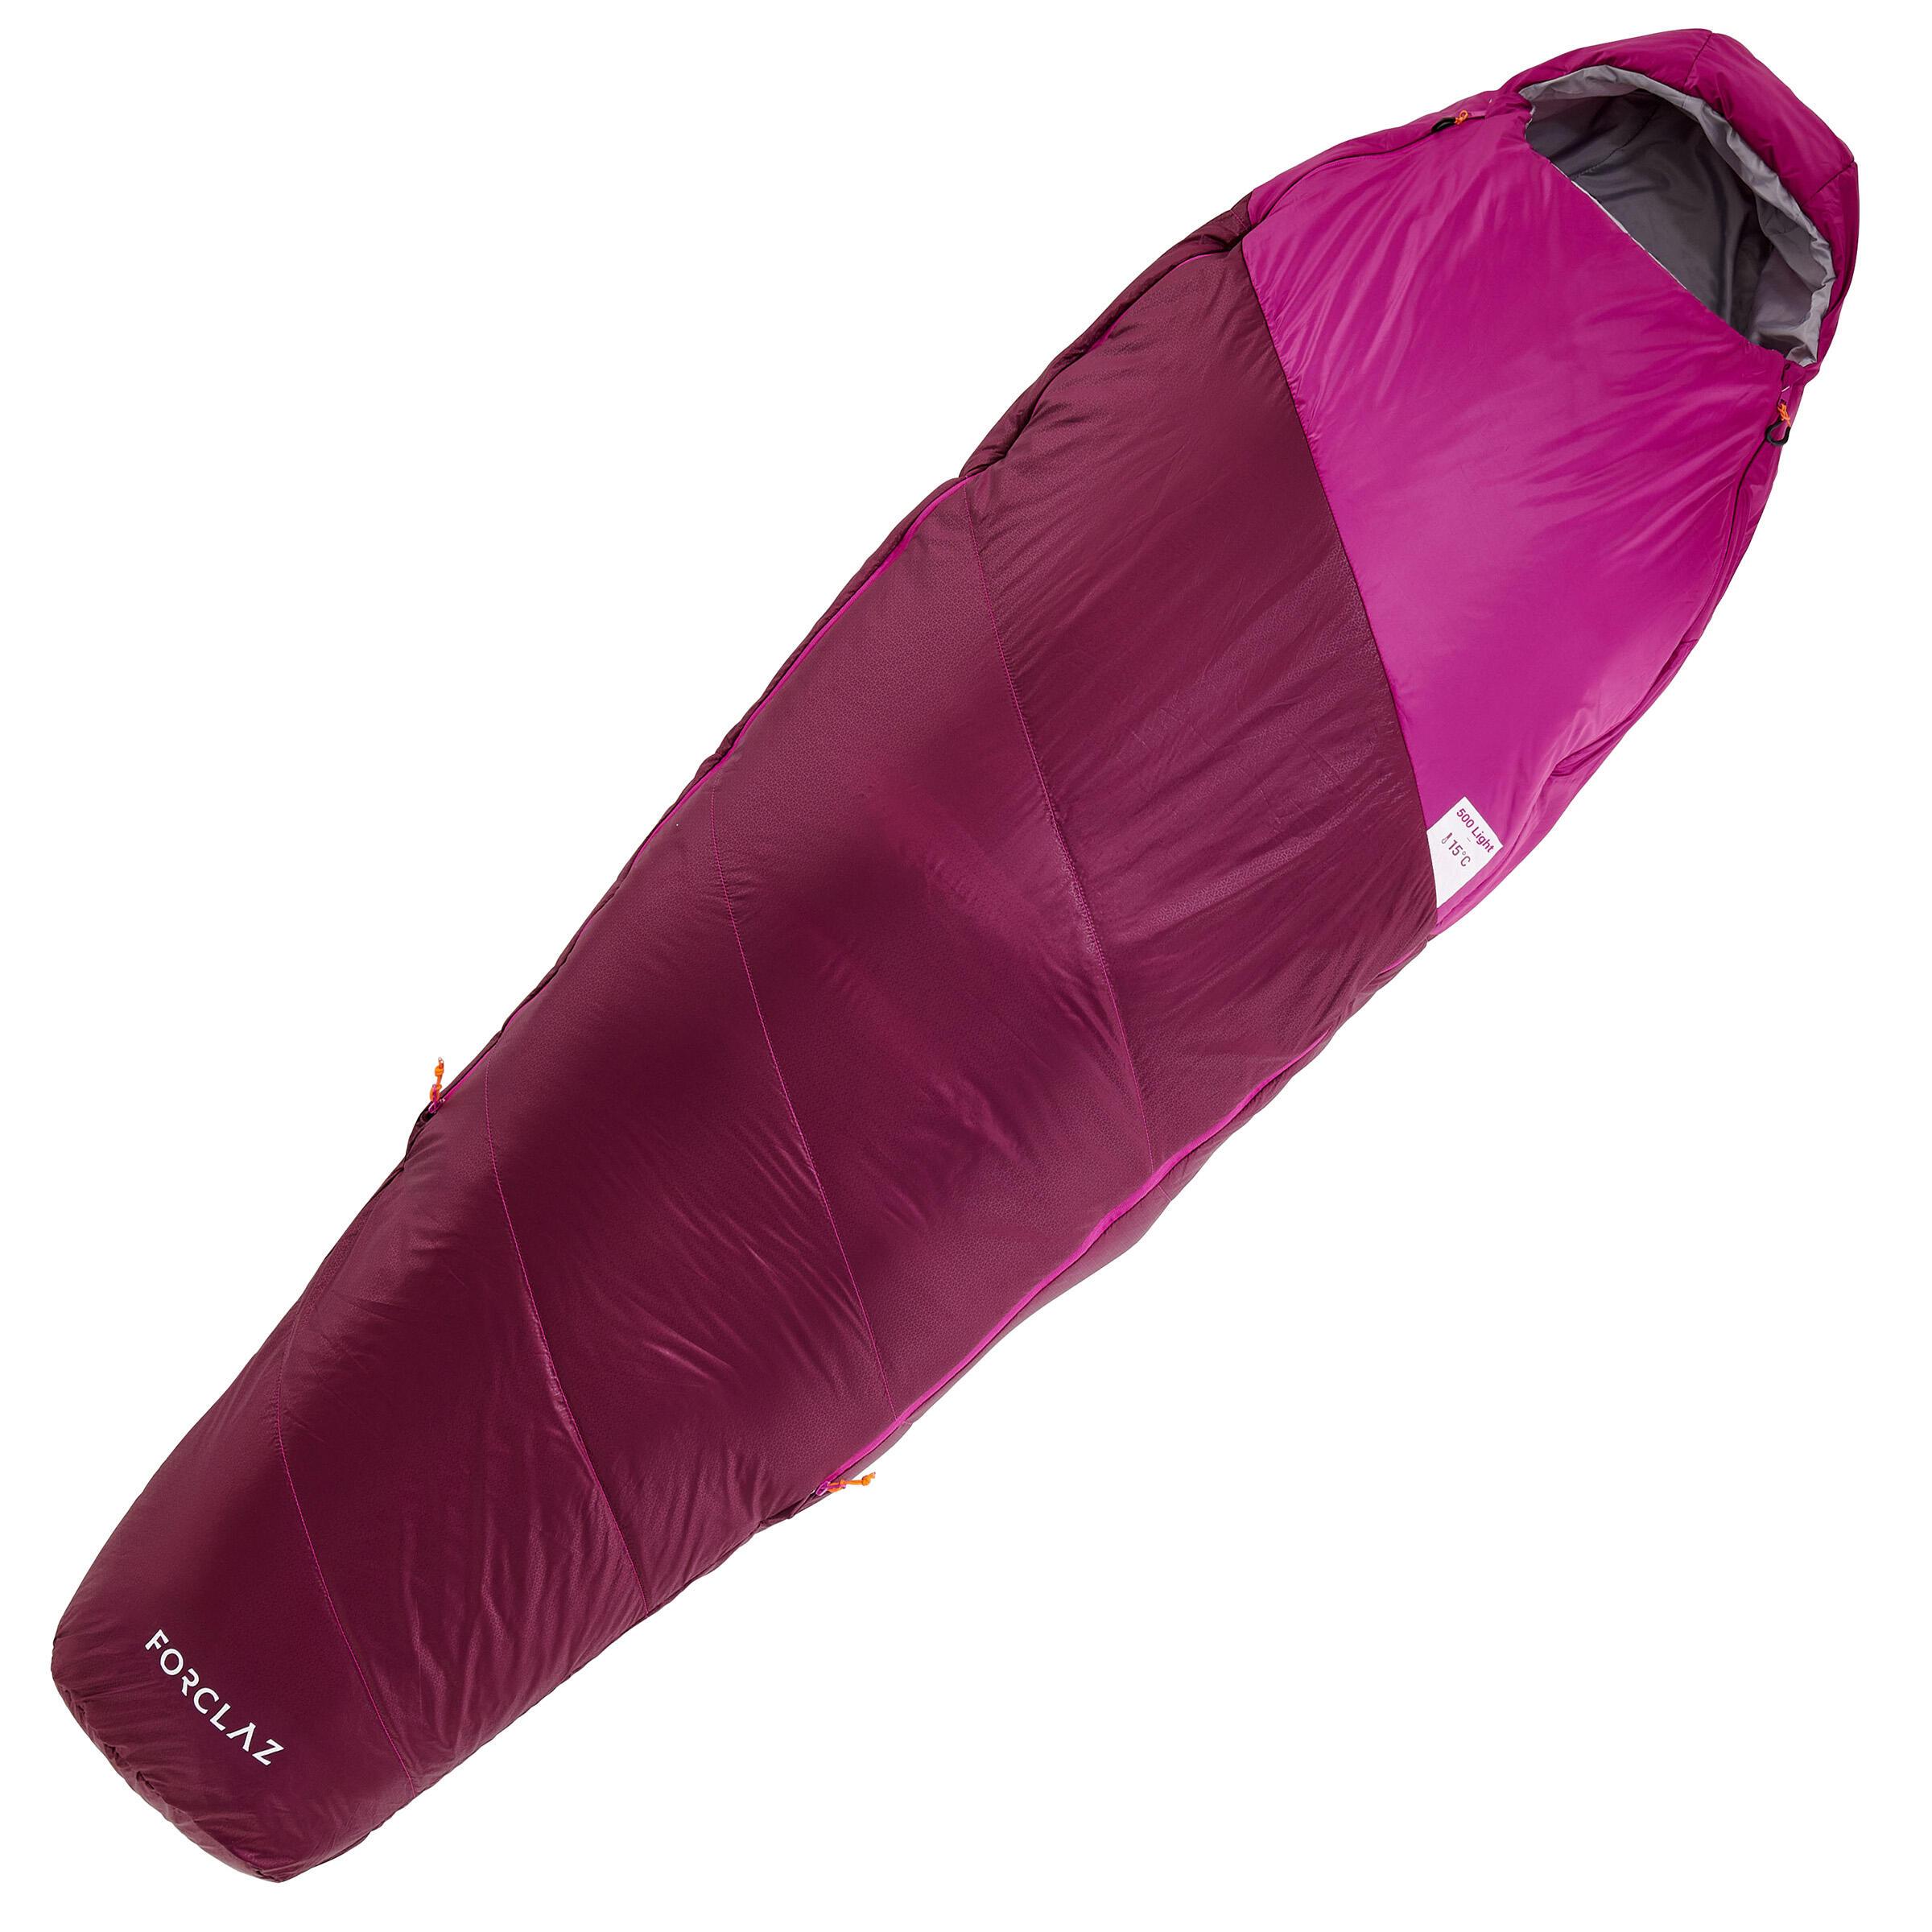 Trek 500 Sleeping Bag 15° - Light Purple